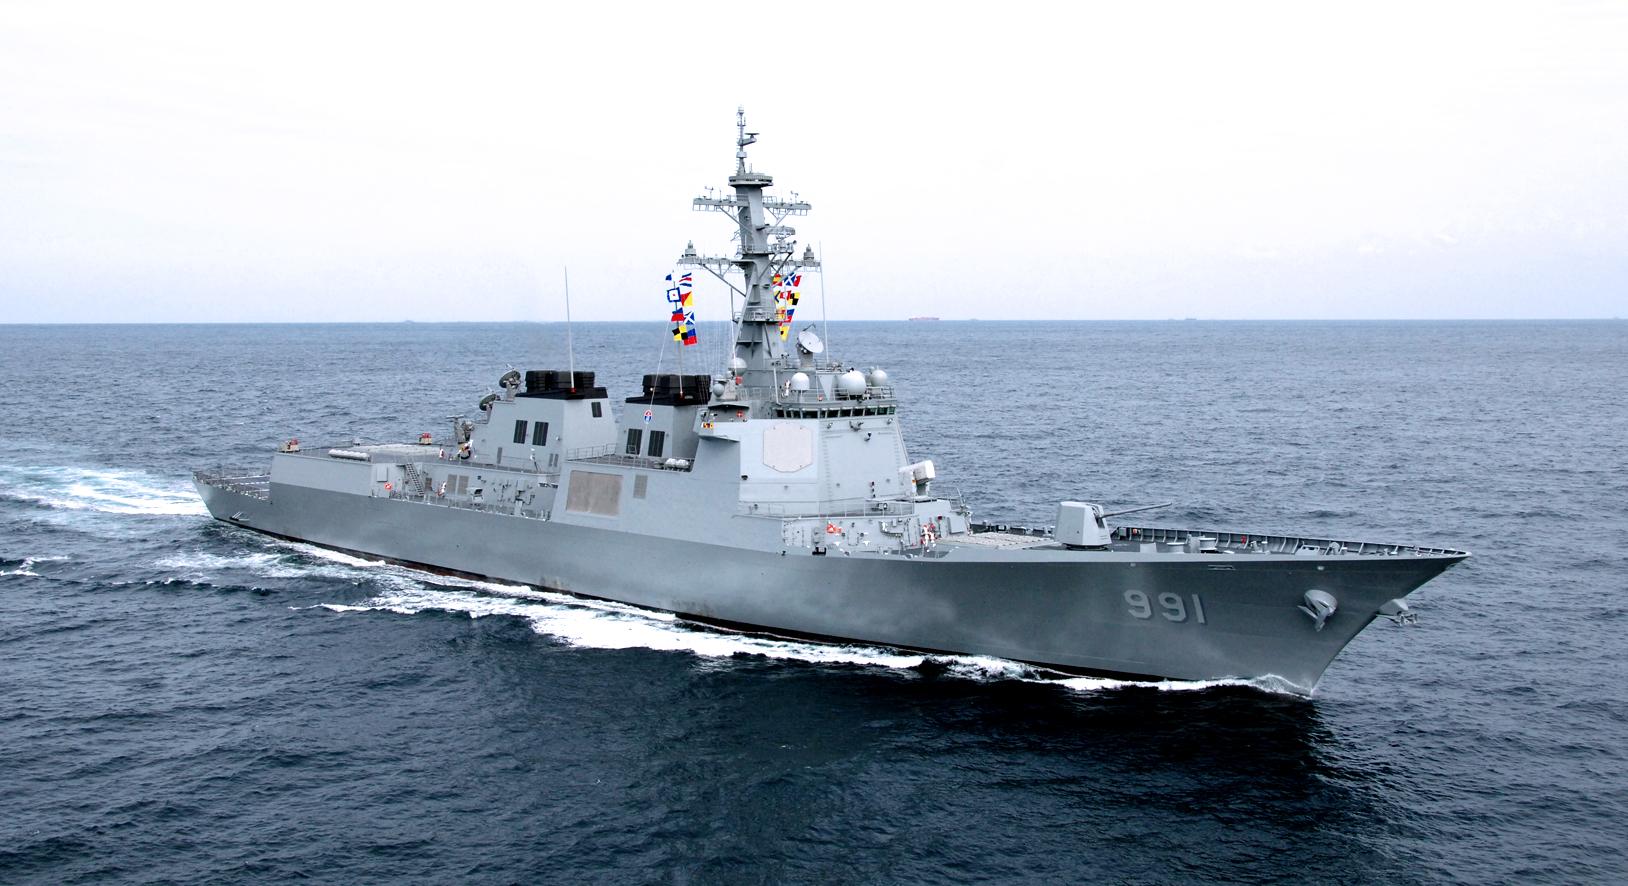 2008년9월27일 해군 세종대왕함기동 (1) (7193823614).jpg